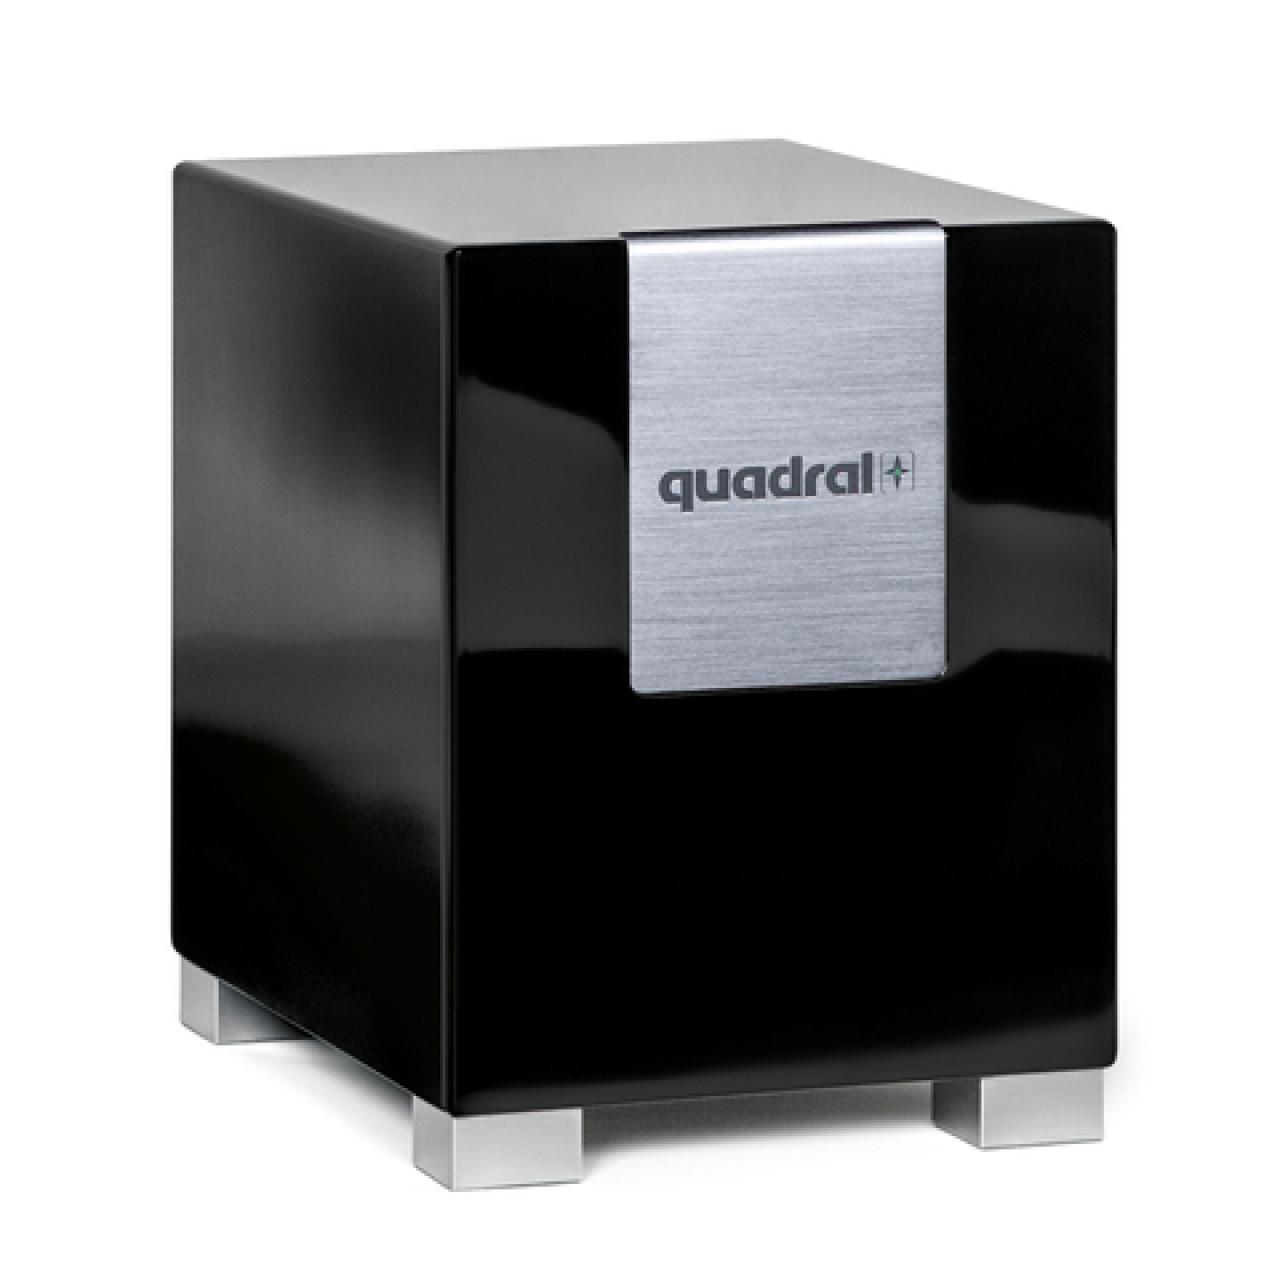 quadral ascent le serie 5 1 lautsprecher set www. Black Bedroom Furniture Sets. Home Design Ideas